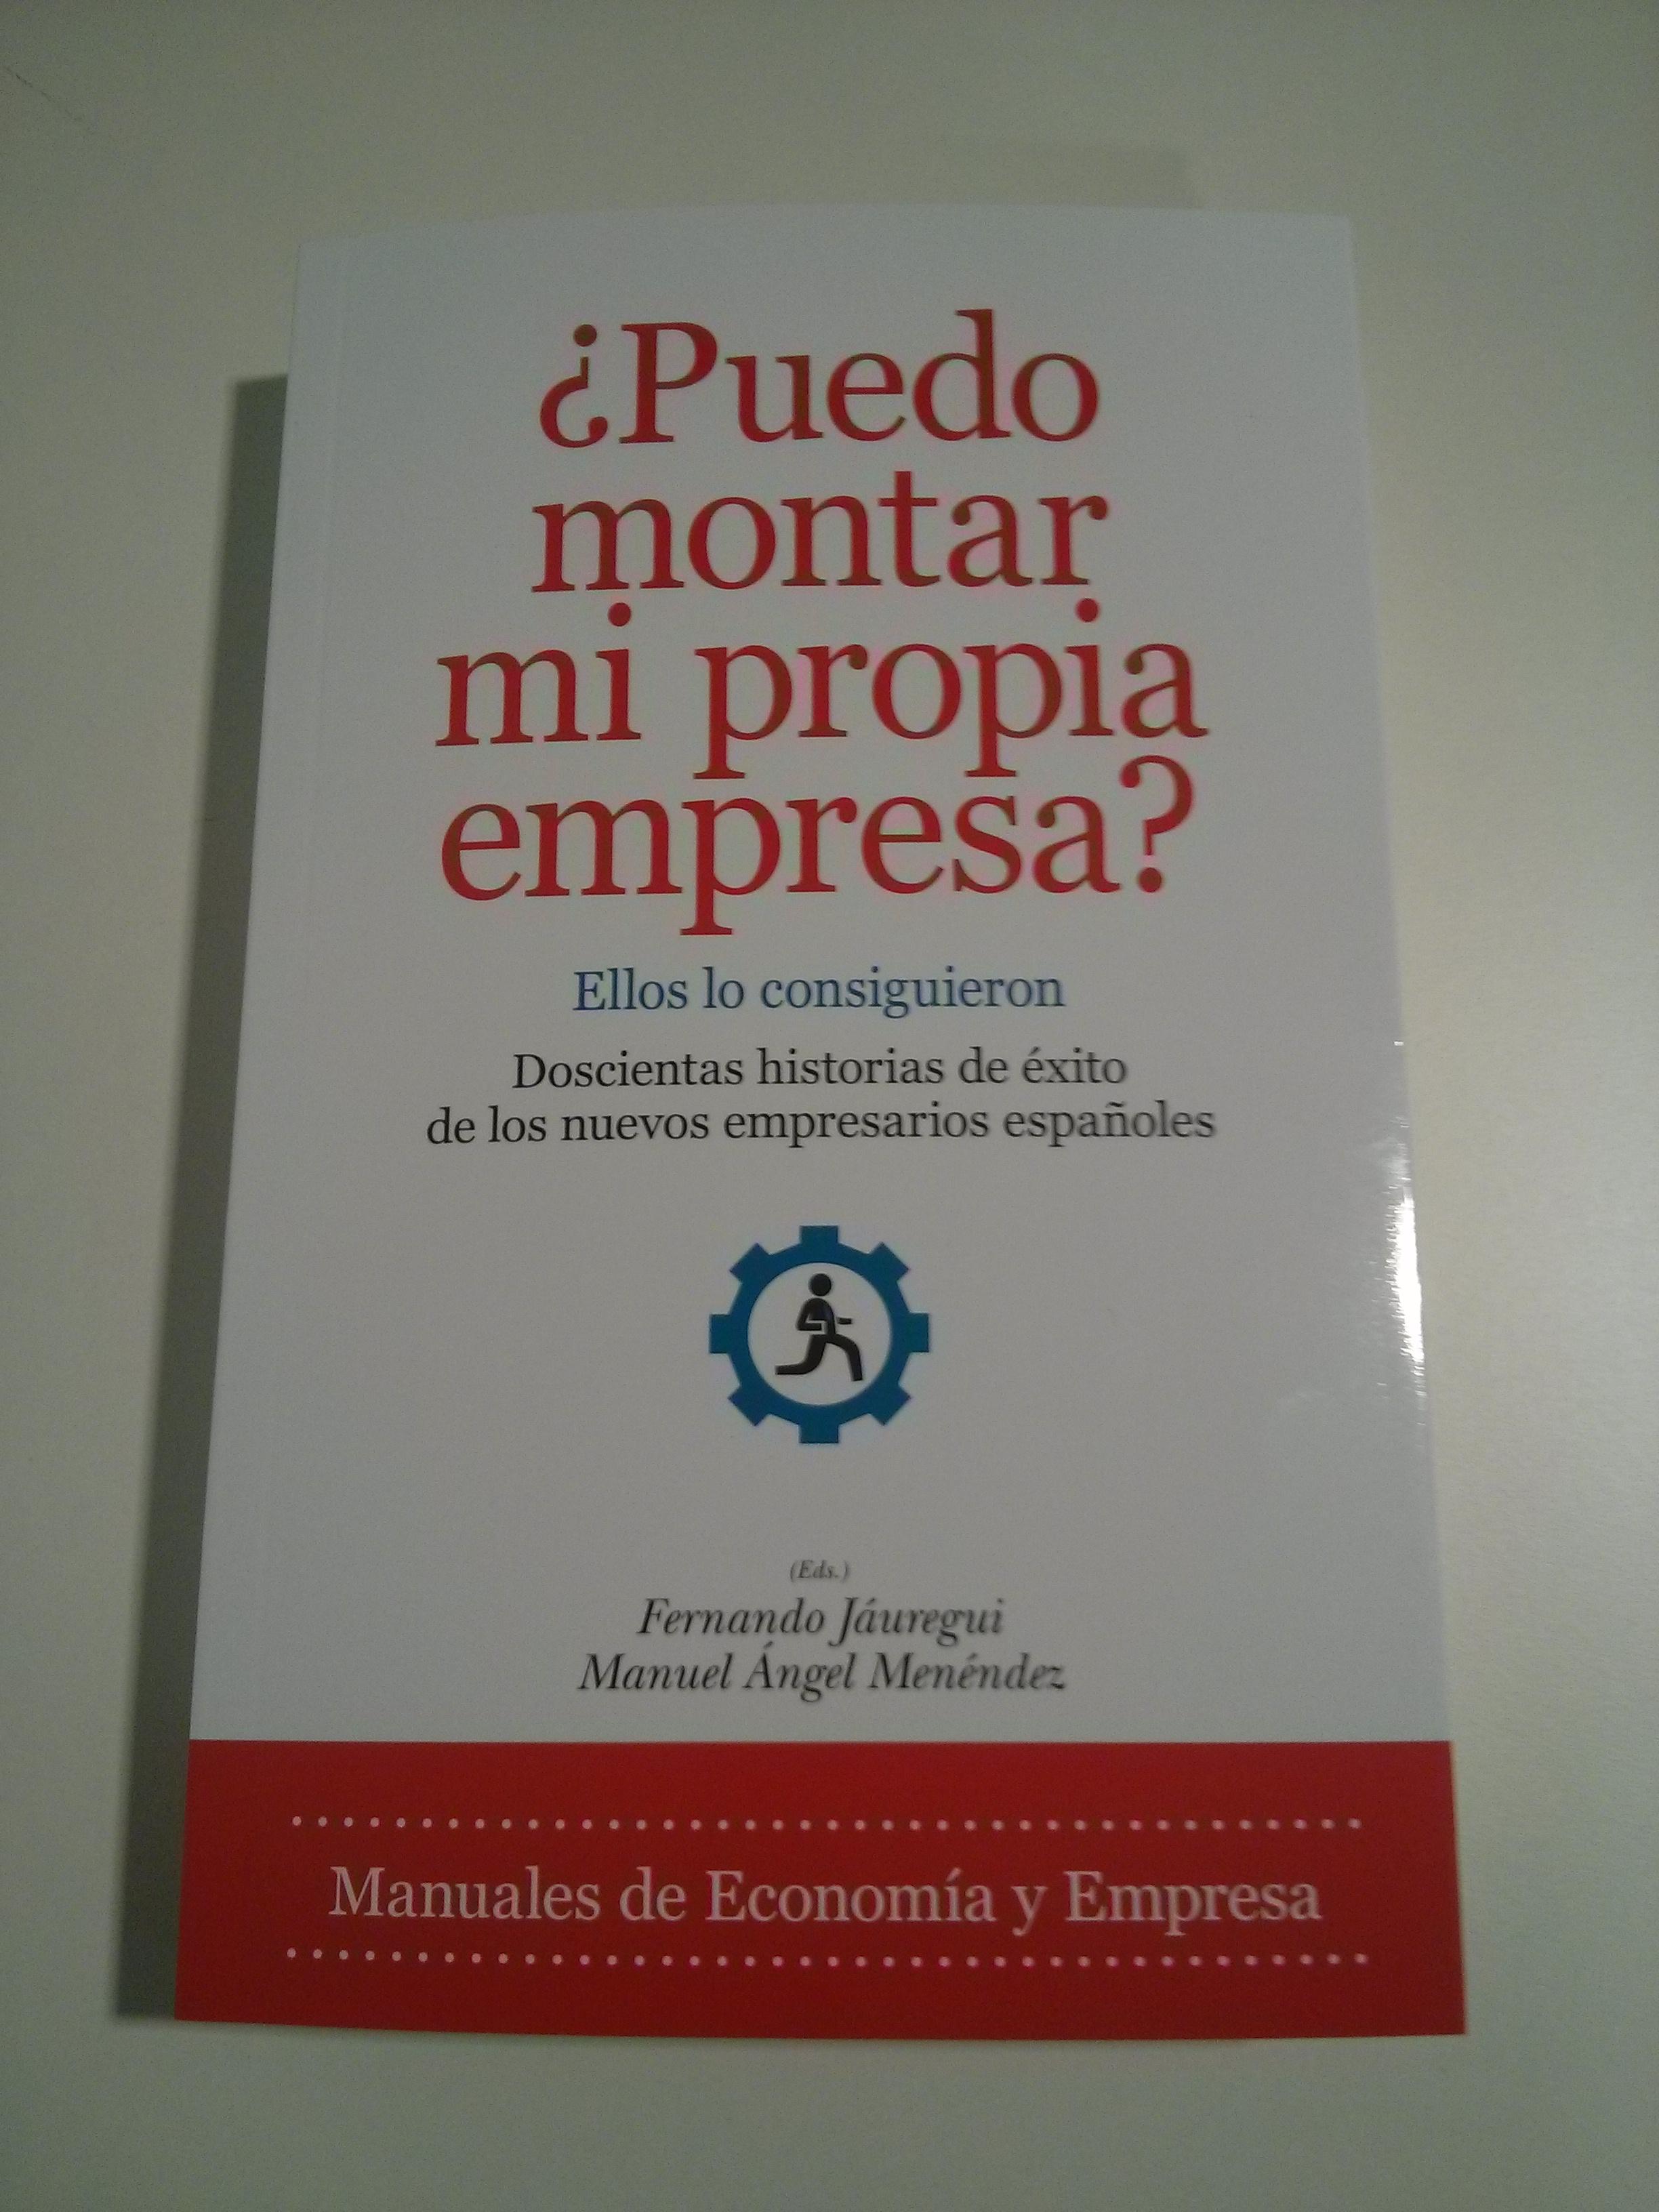 Los socios de NOVAÍN Consultores en el libro «¿Puedo montar mi propia empresa? Ellos lo consiguieron».